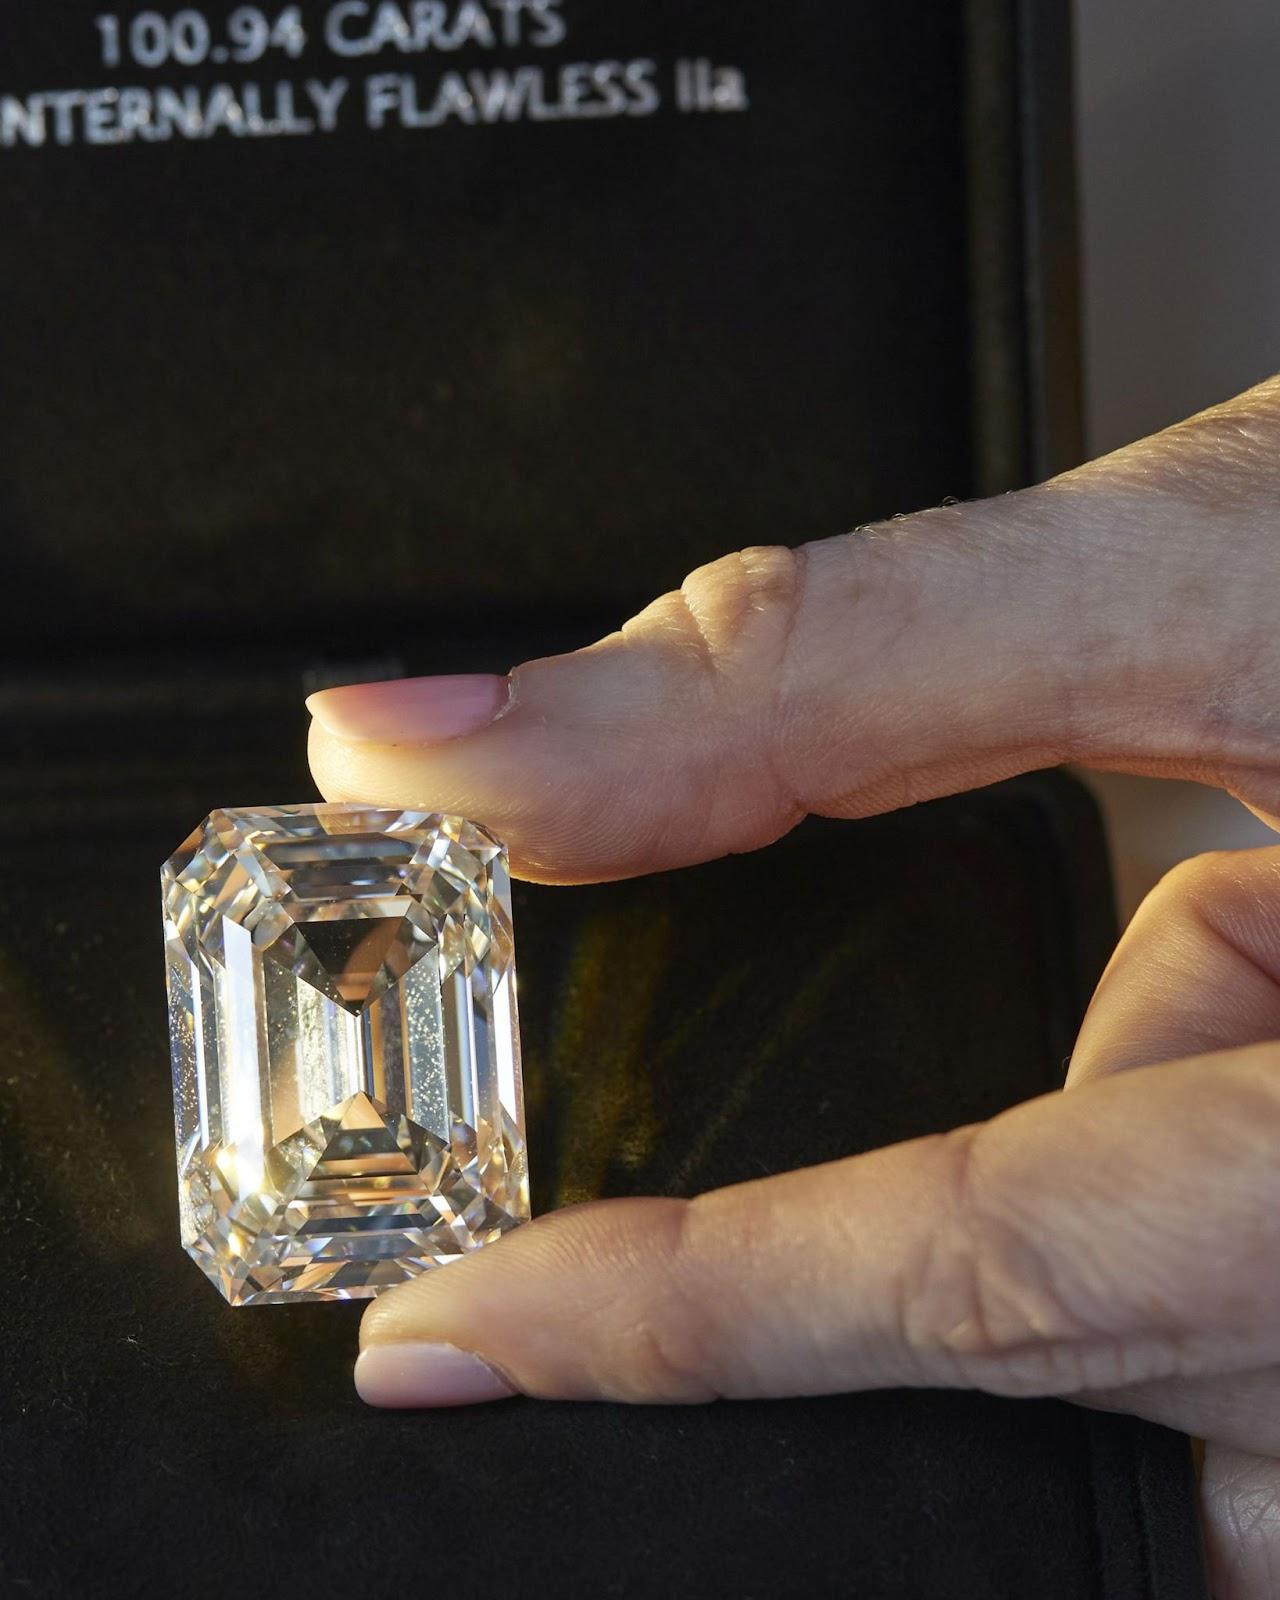 Chiêm ngưỡng viên Kim cương 101 carat khổng lồ - ảnh 1